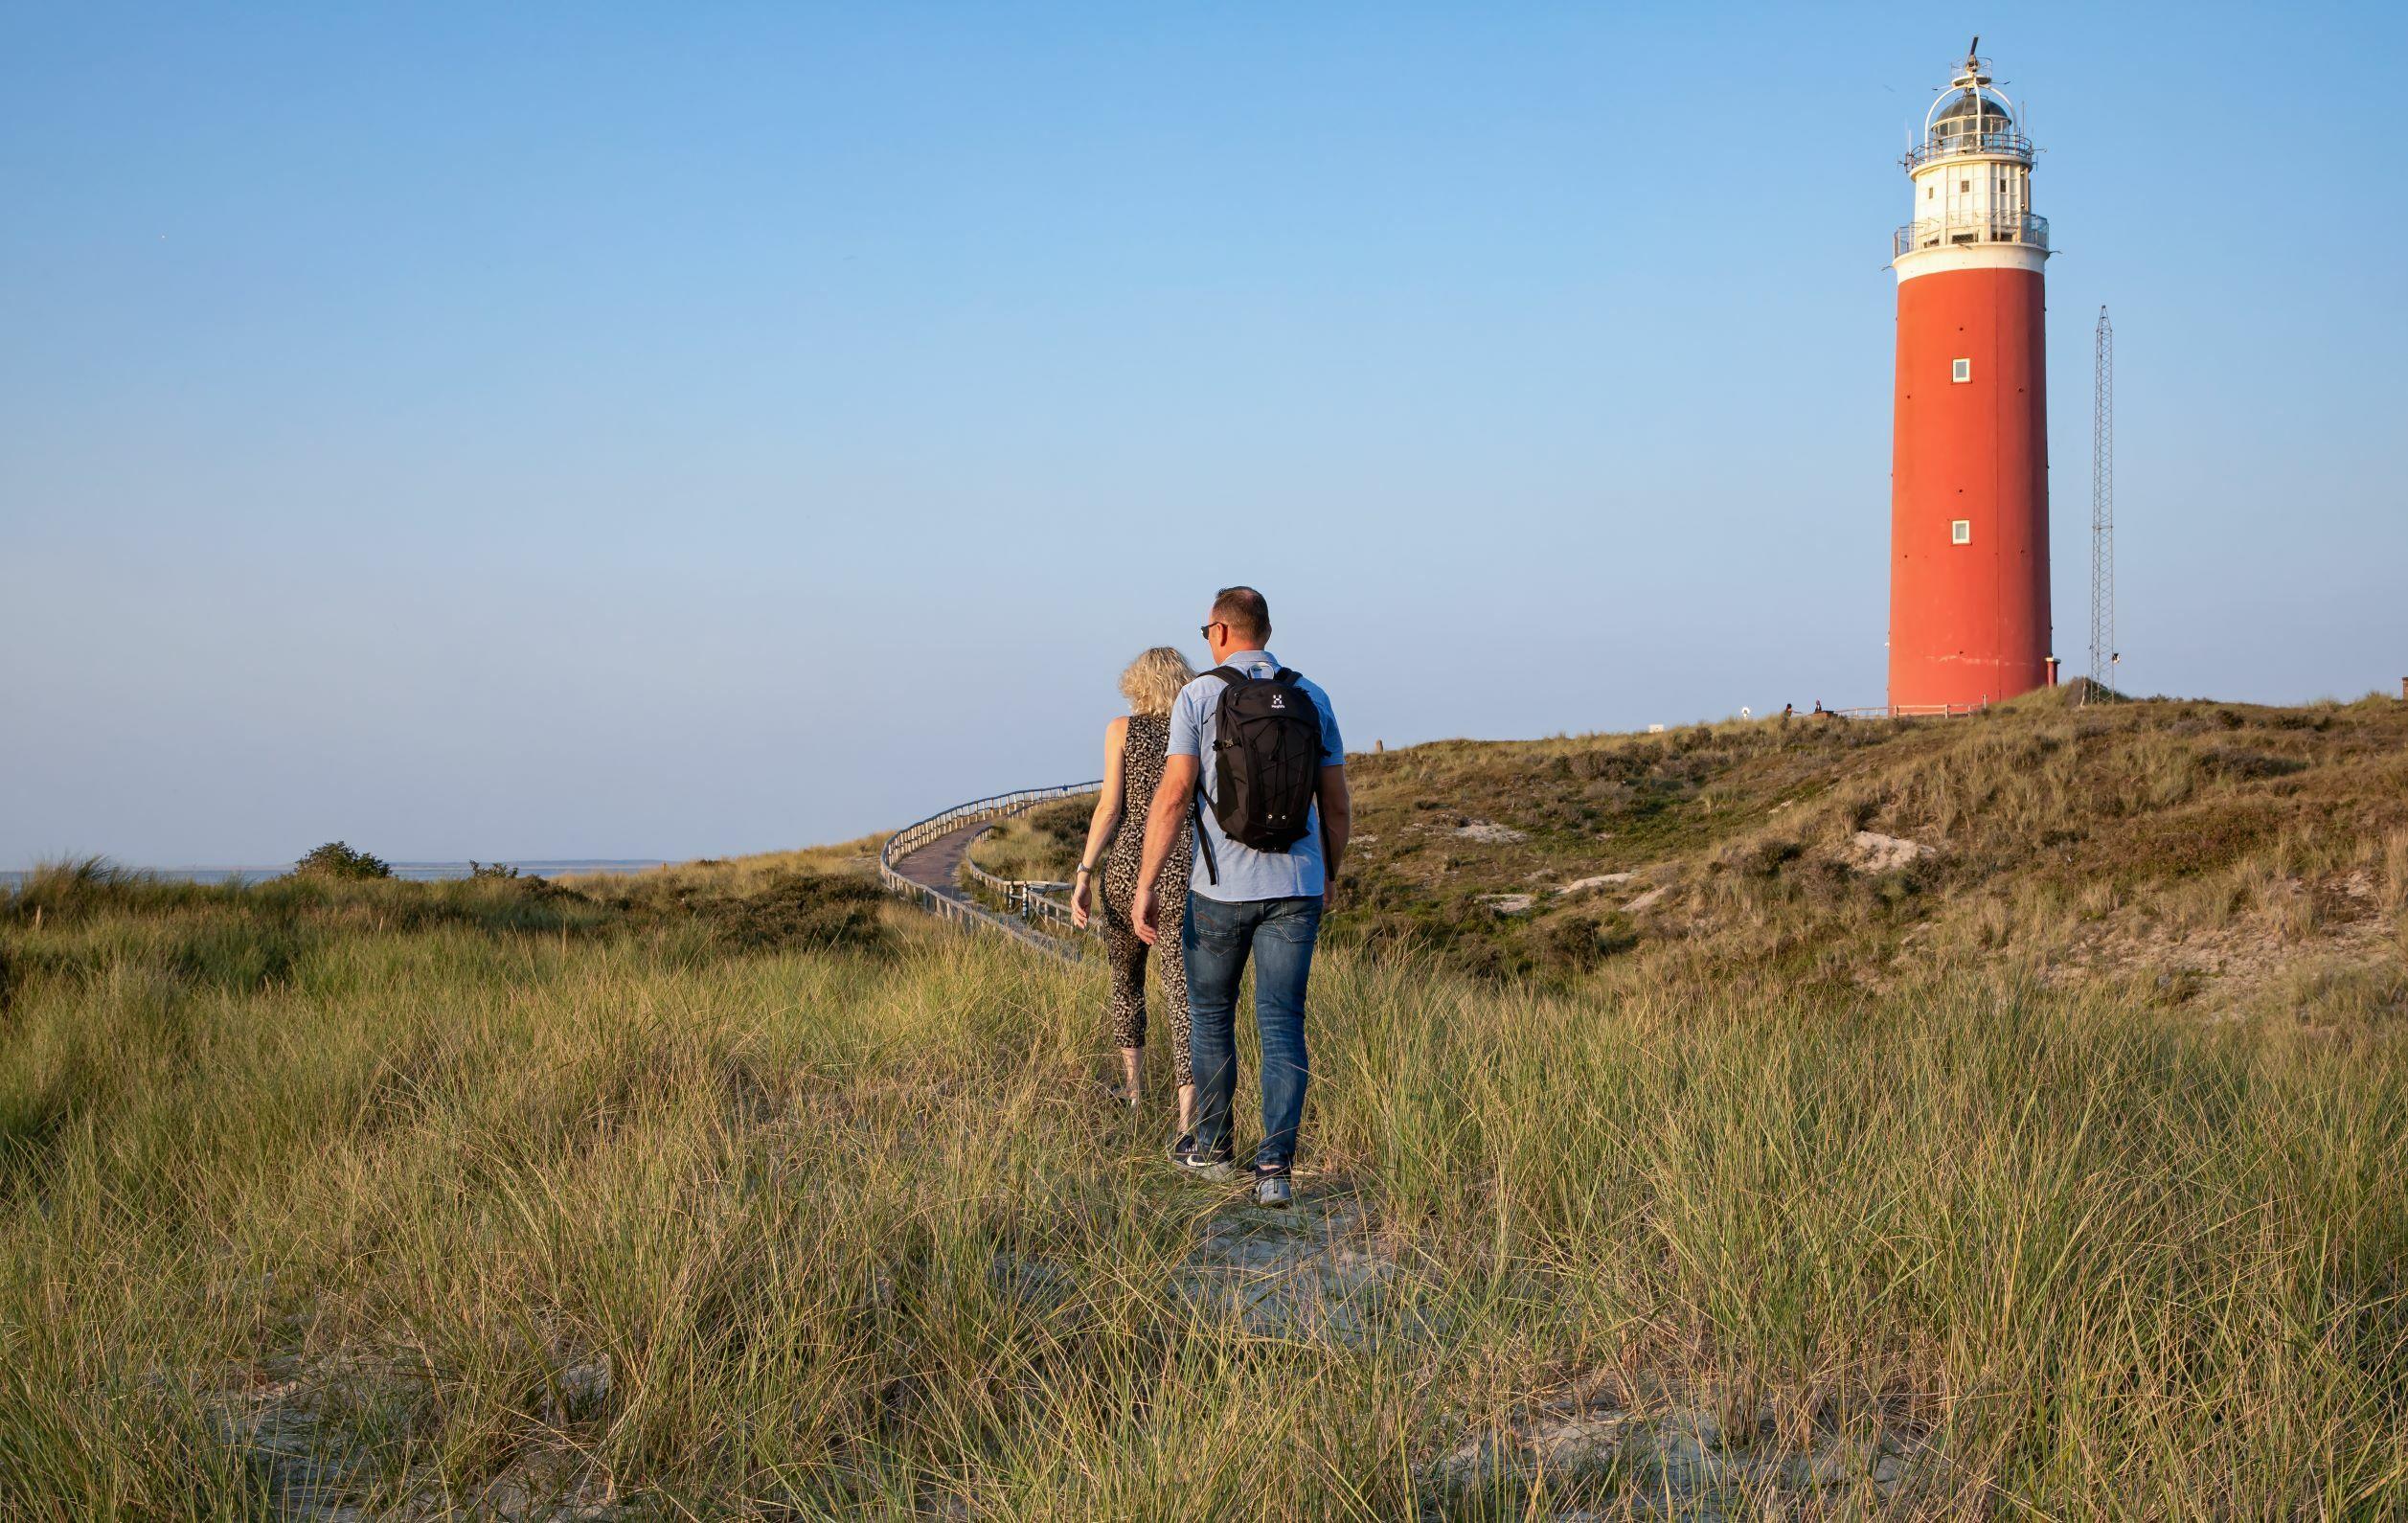 Stel wandelt door de duinen bij de vuurtoren VVV Texel Fotograaf Justin Sinner